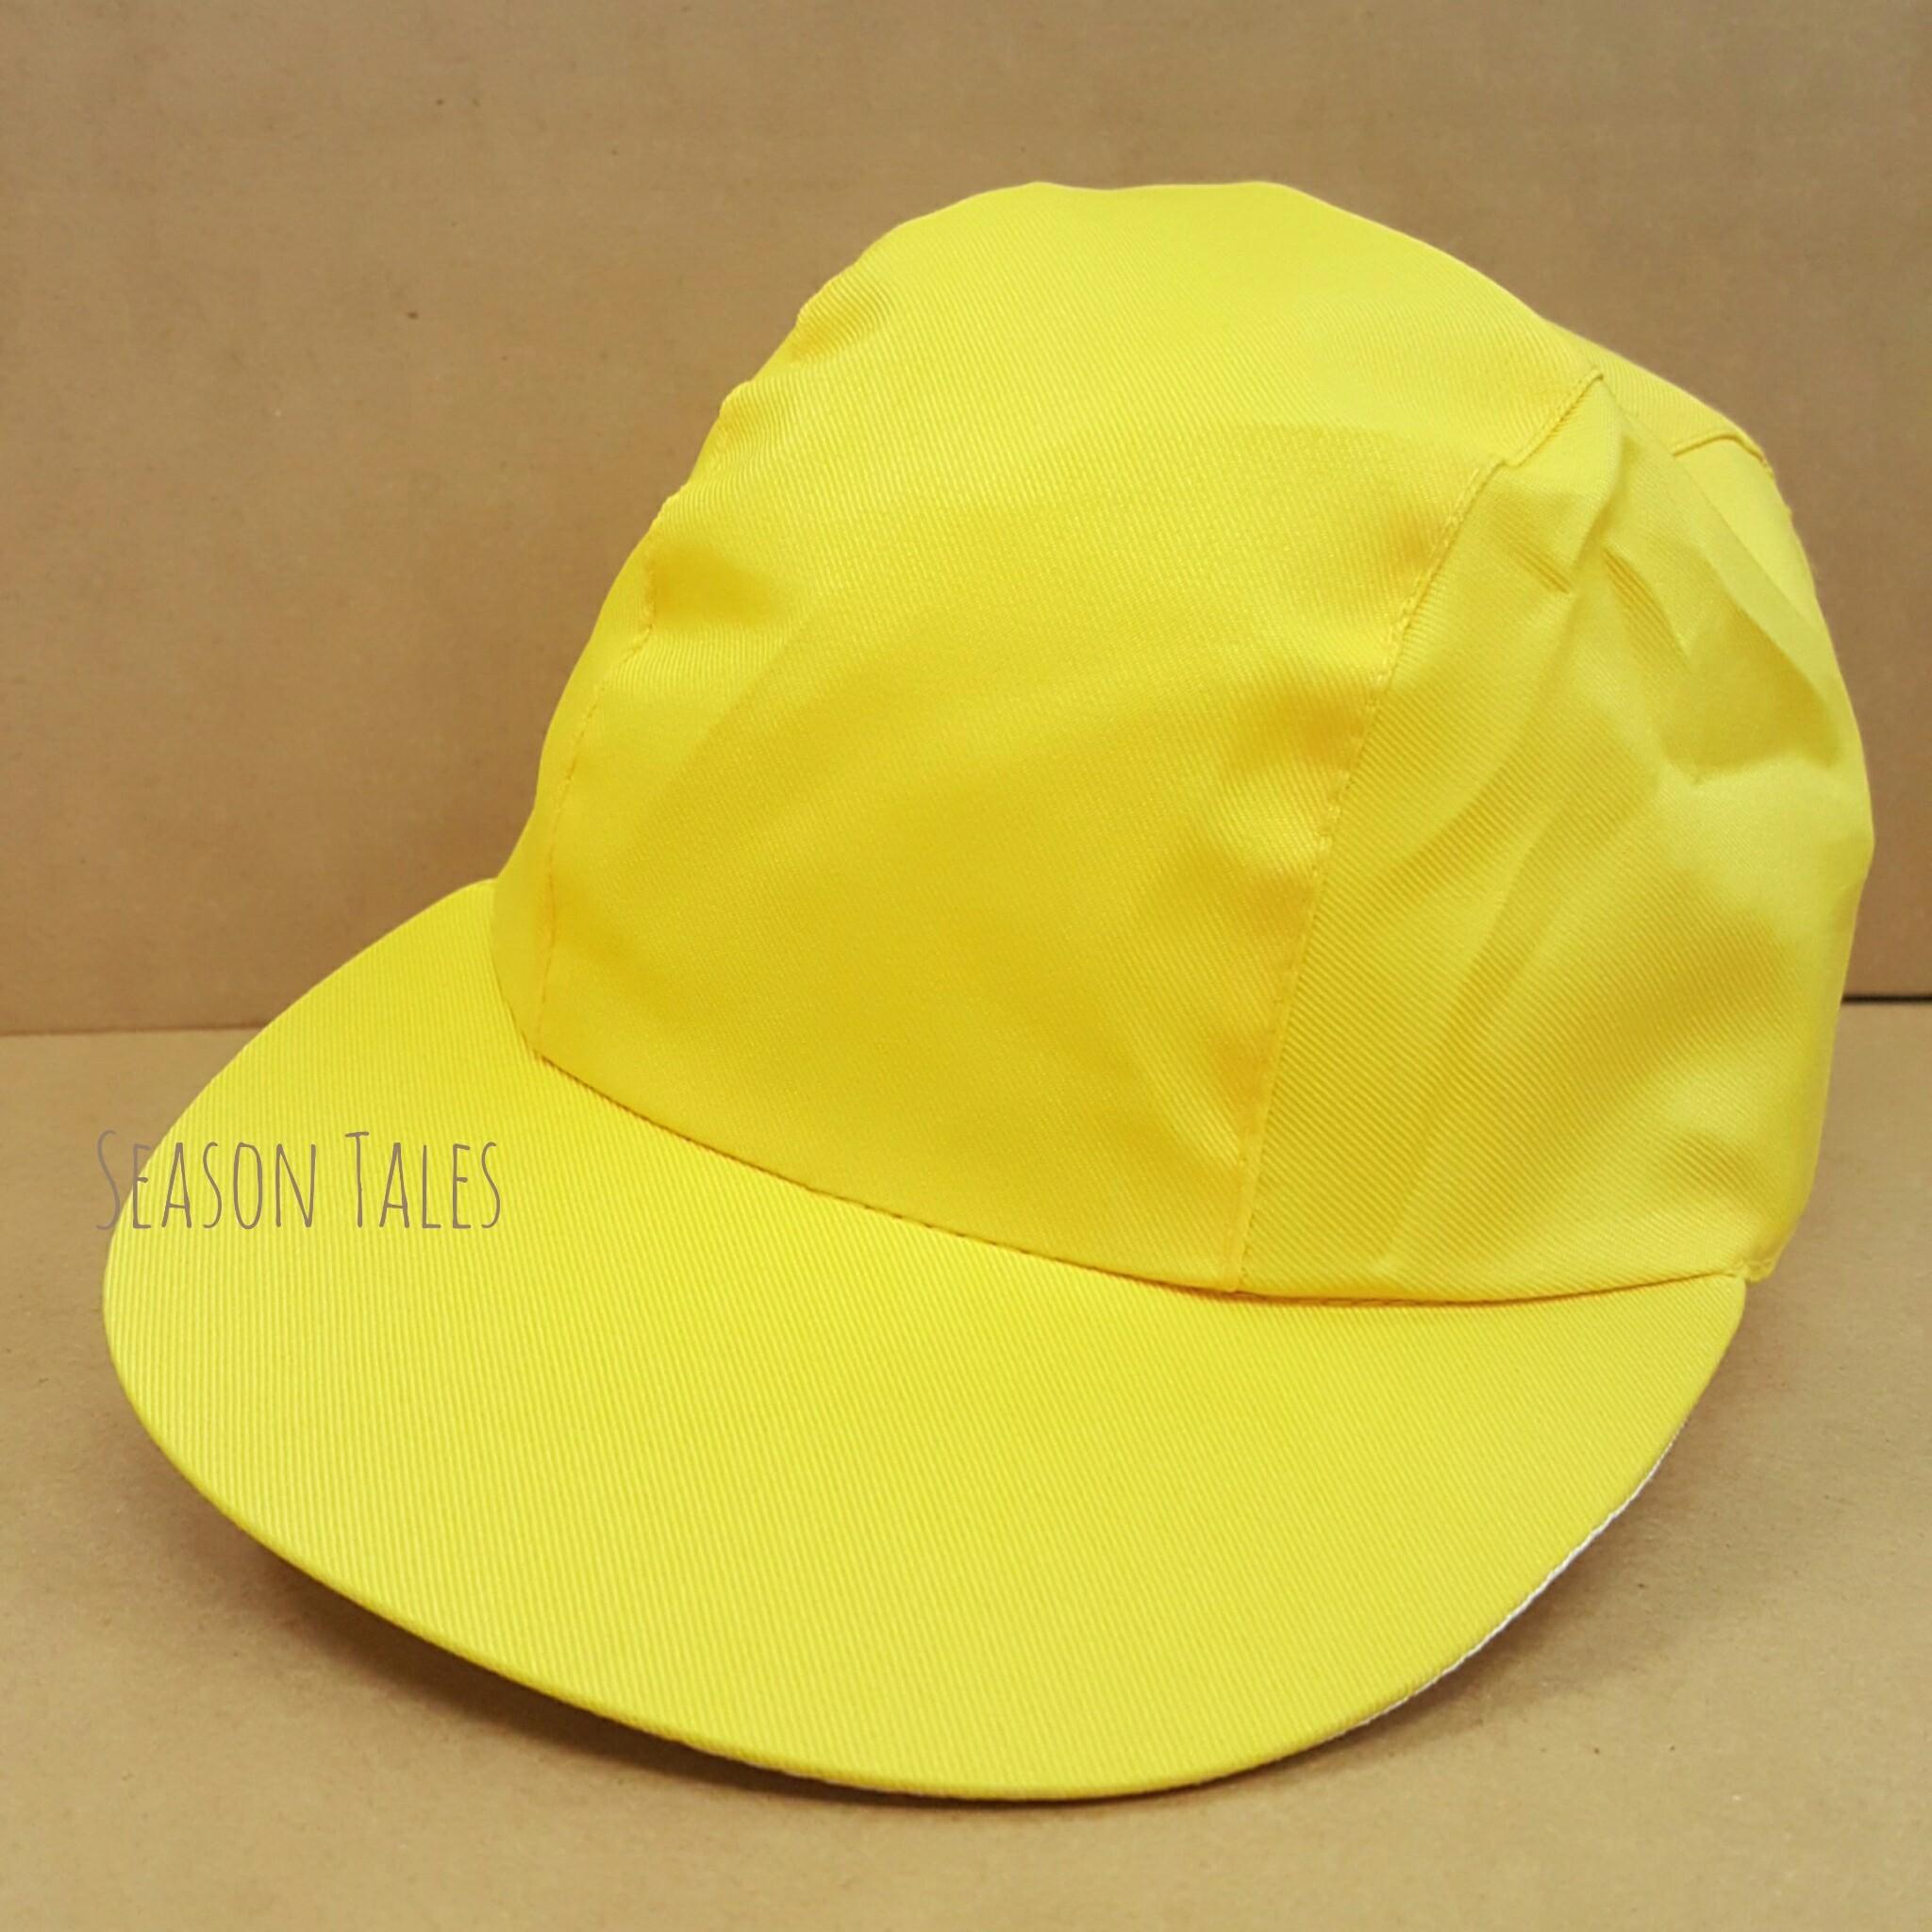 หมวกแก๊ปกีฬาสี สีเหลือง ราคาถูกสุดๆ! (สั่งในเว็บไม่ได้ สั่งผ่านLine เท่านั้น)